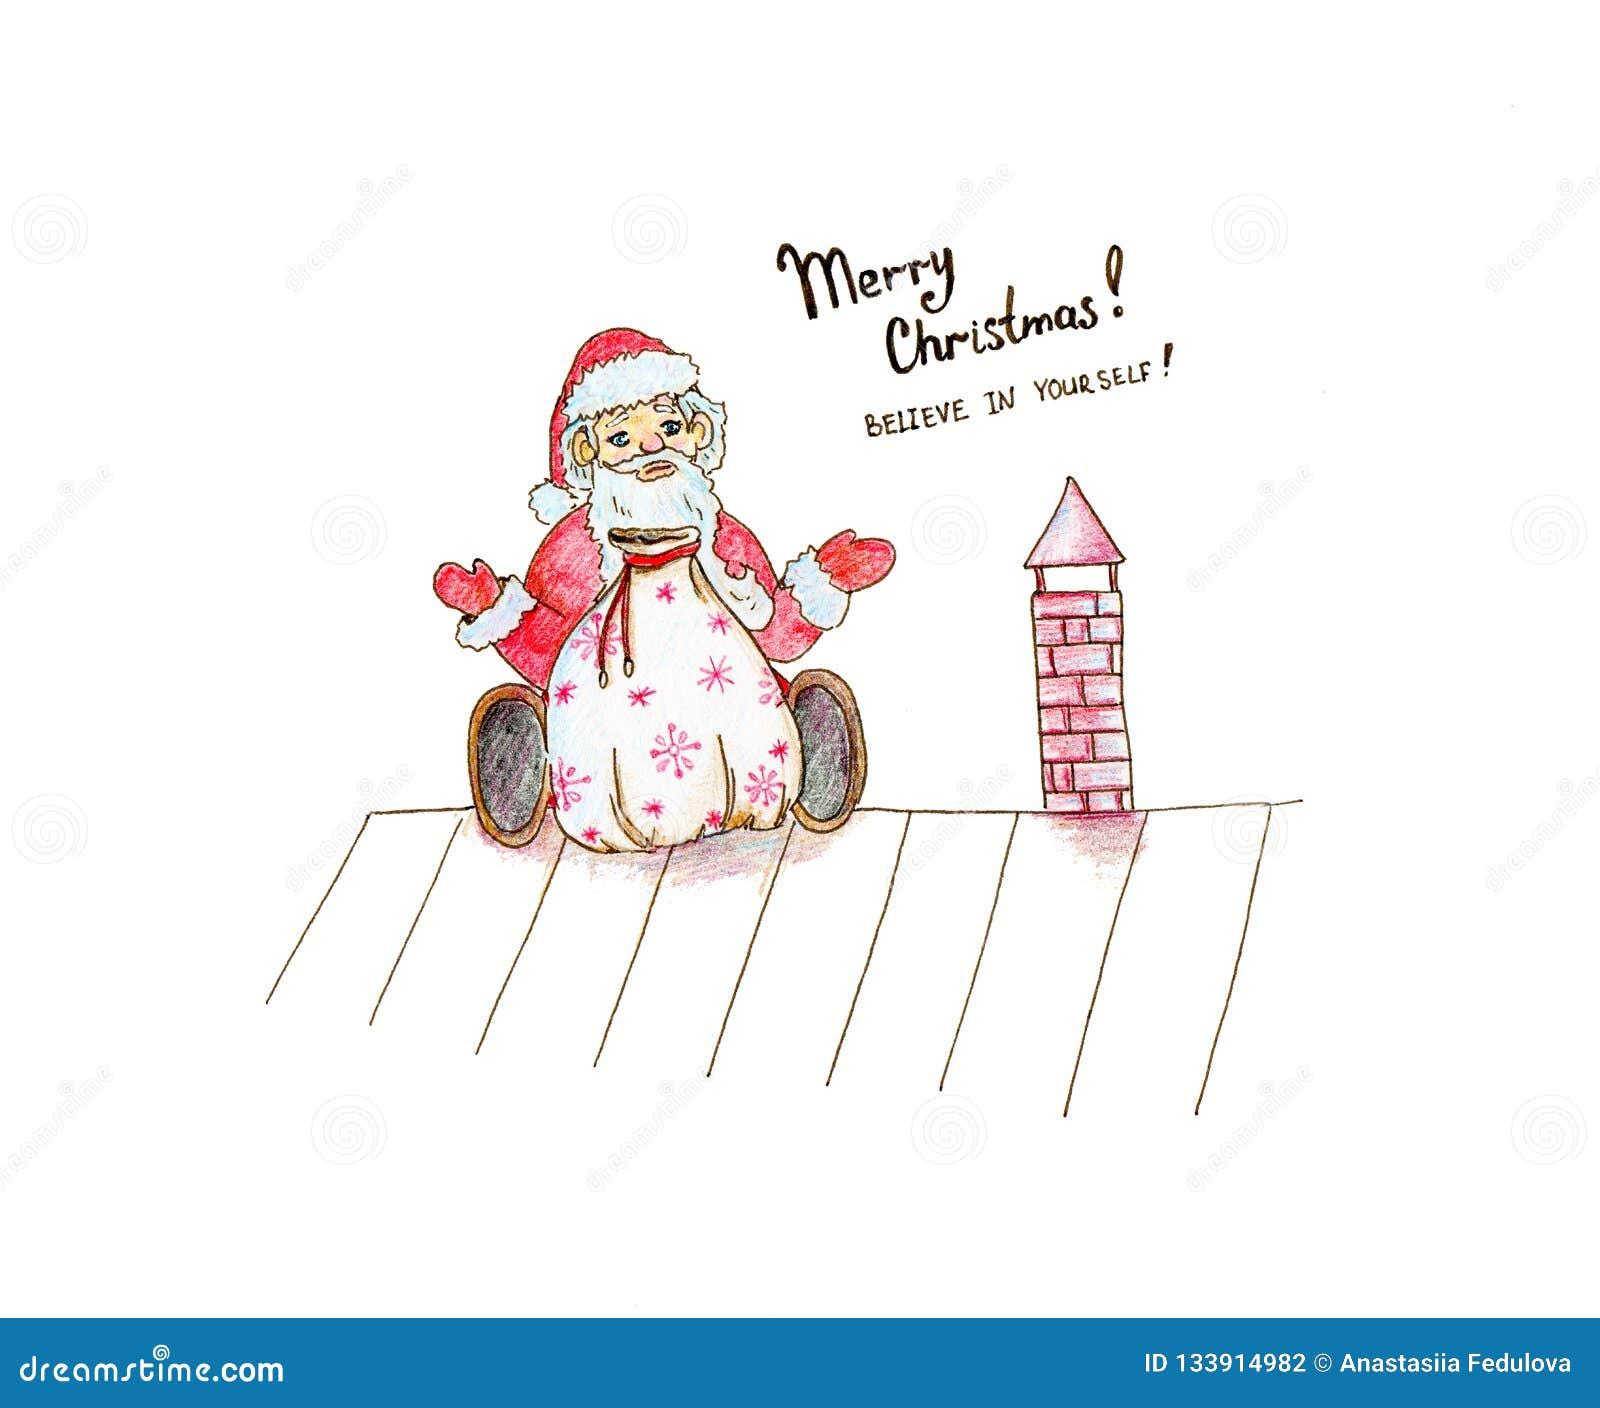 Συρμένη χέρι απεικόνιση Χριστουγέννων για την αστεία συνεδρίαση Άγιος Βασίλης κινούμενων σχεδίων